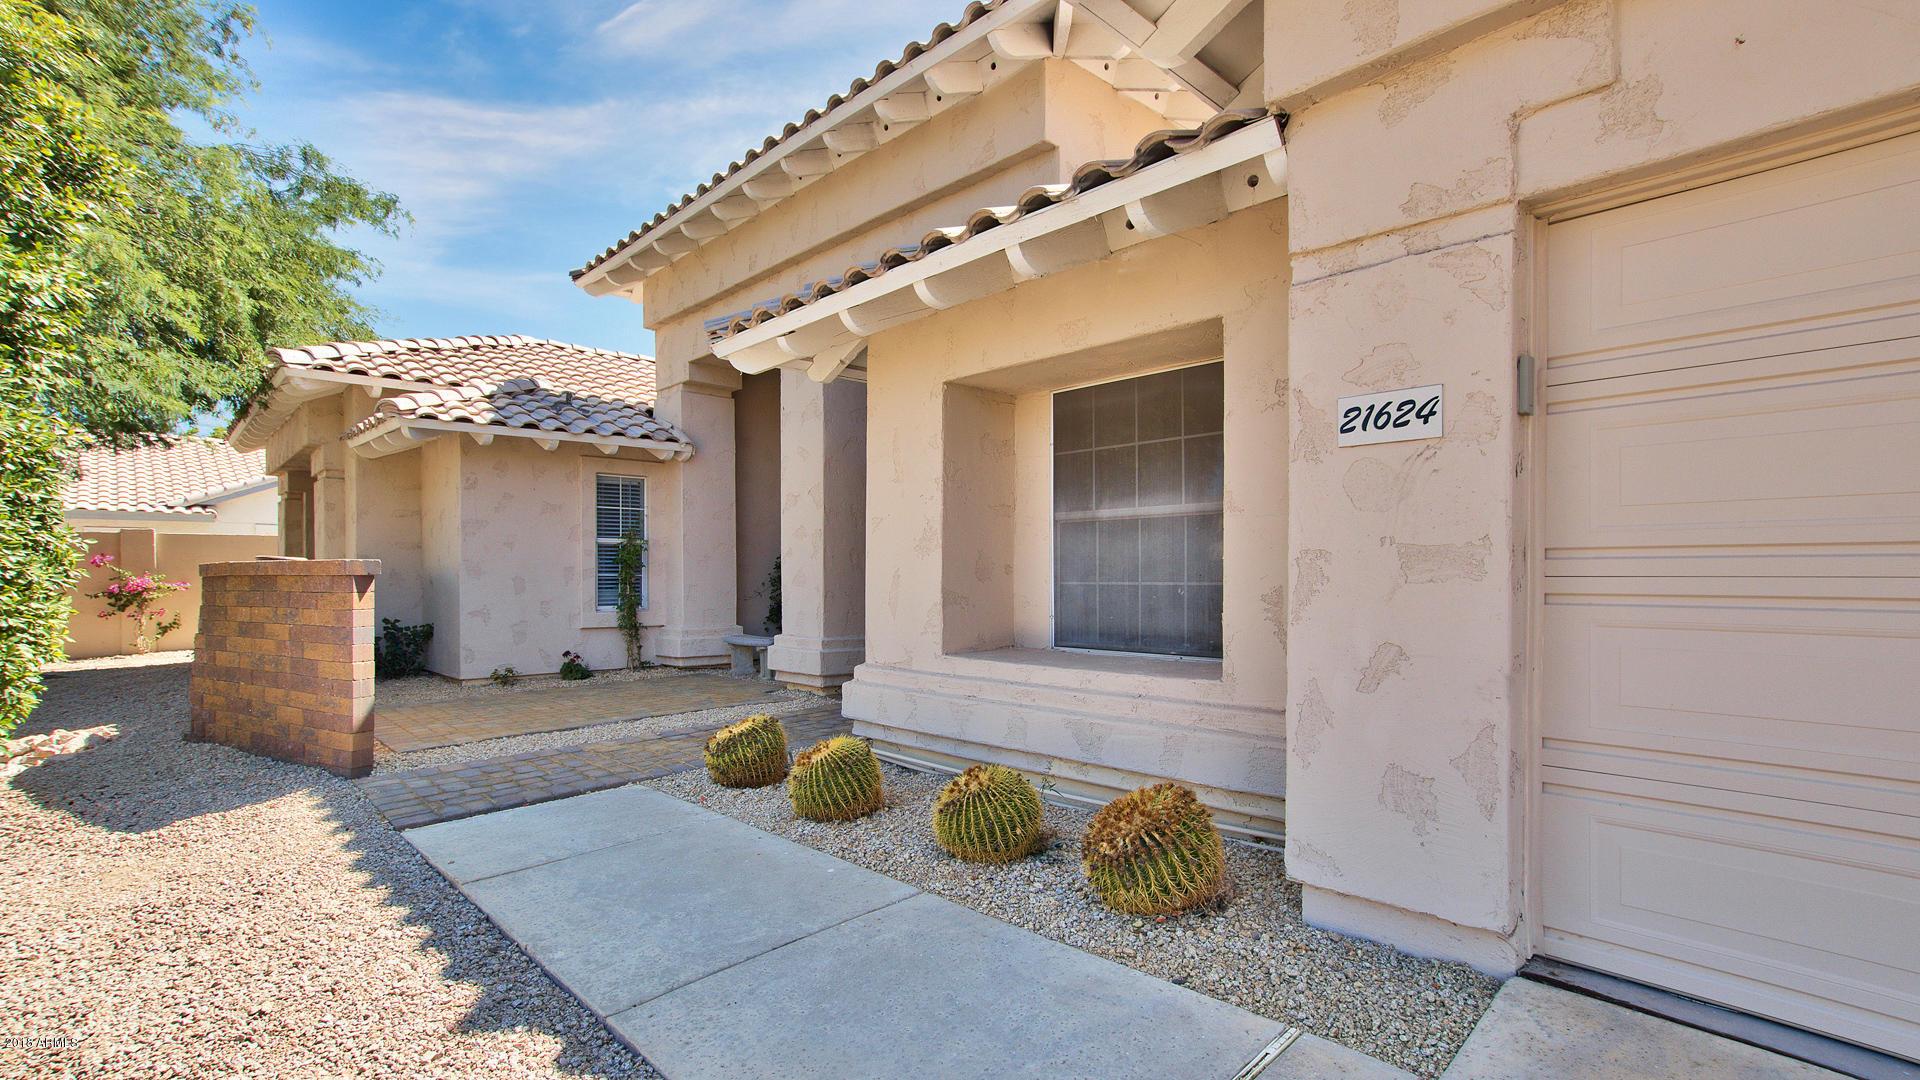 MLS 5778461 21624 N 58th Drive, Glendale, AZ 85308 Glendale AZ REO Bank Owned Foreclosure